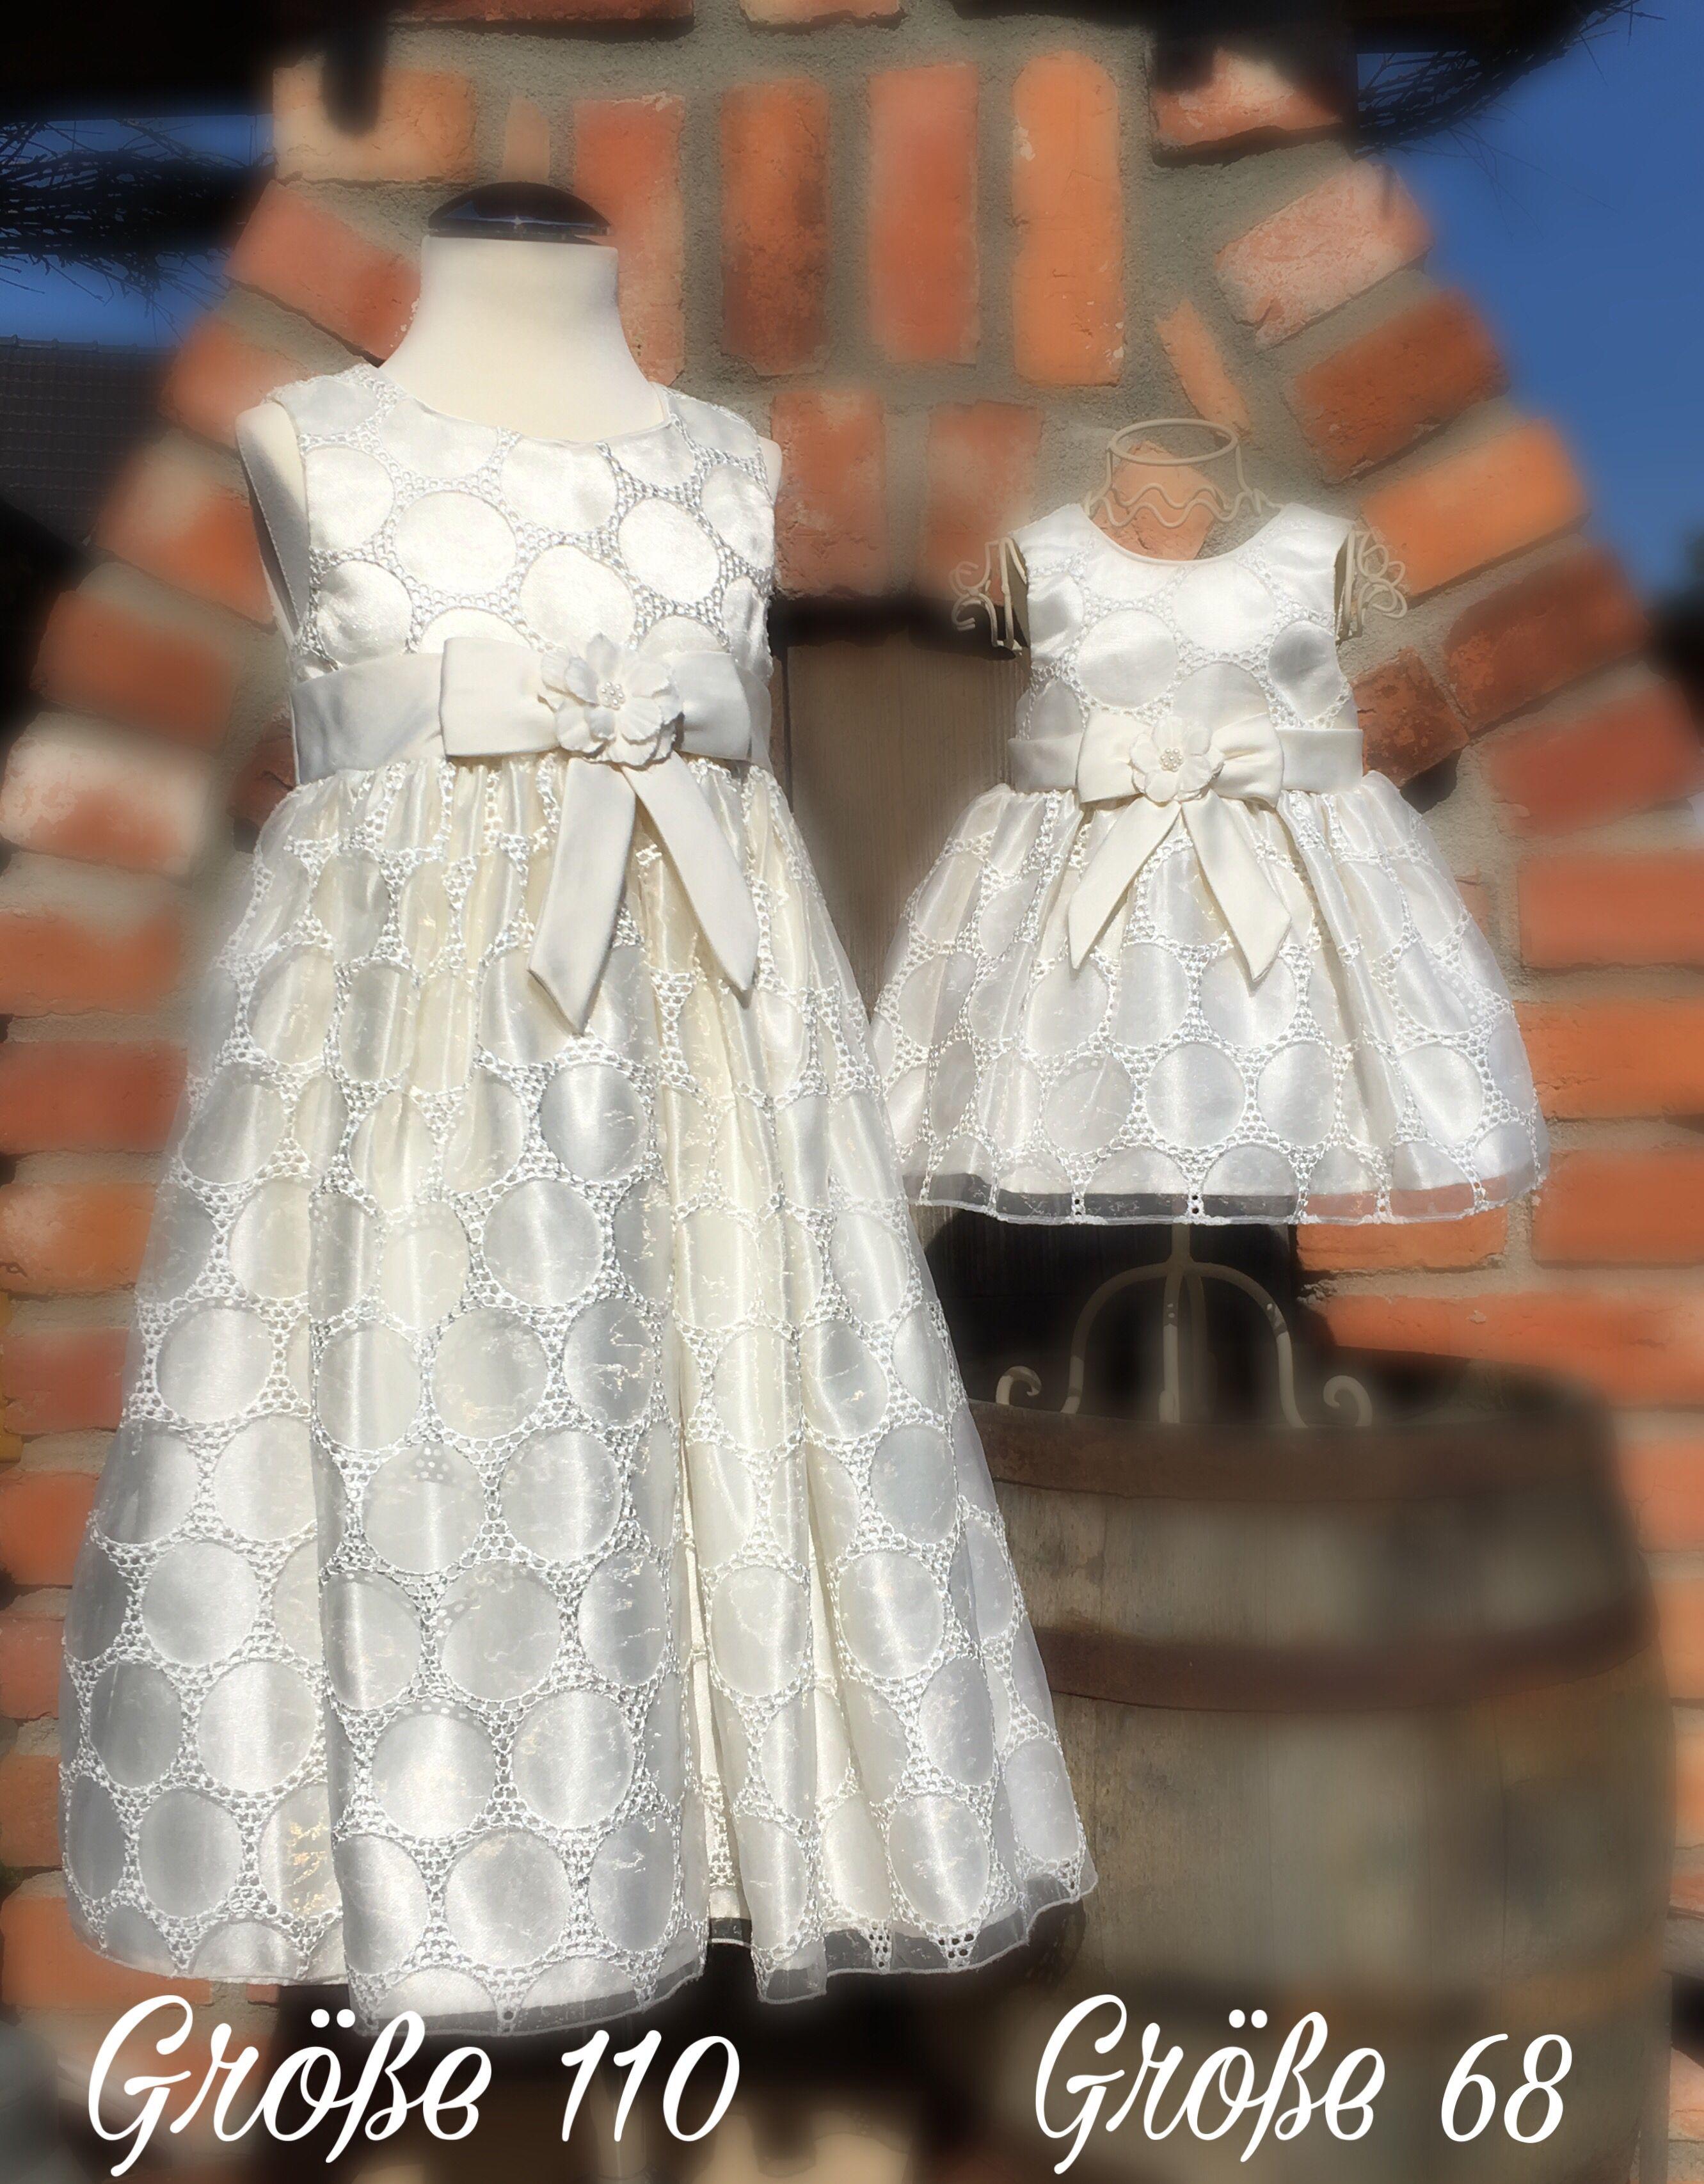 geschwisterkleid | blumenmädchen kleid, kleider, blumenkleid